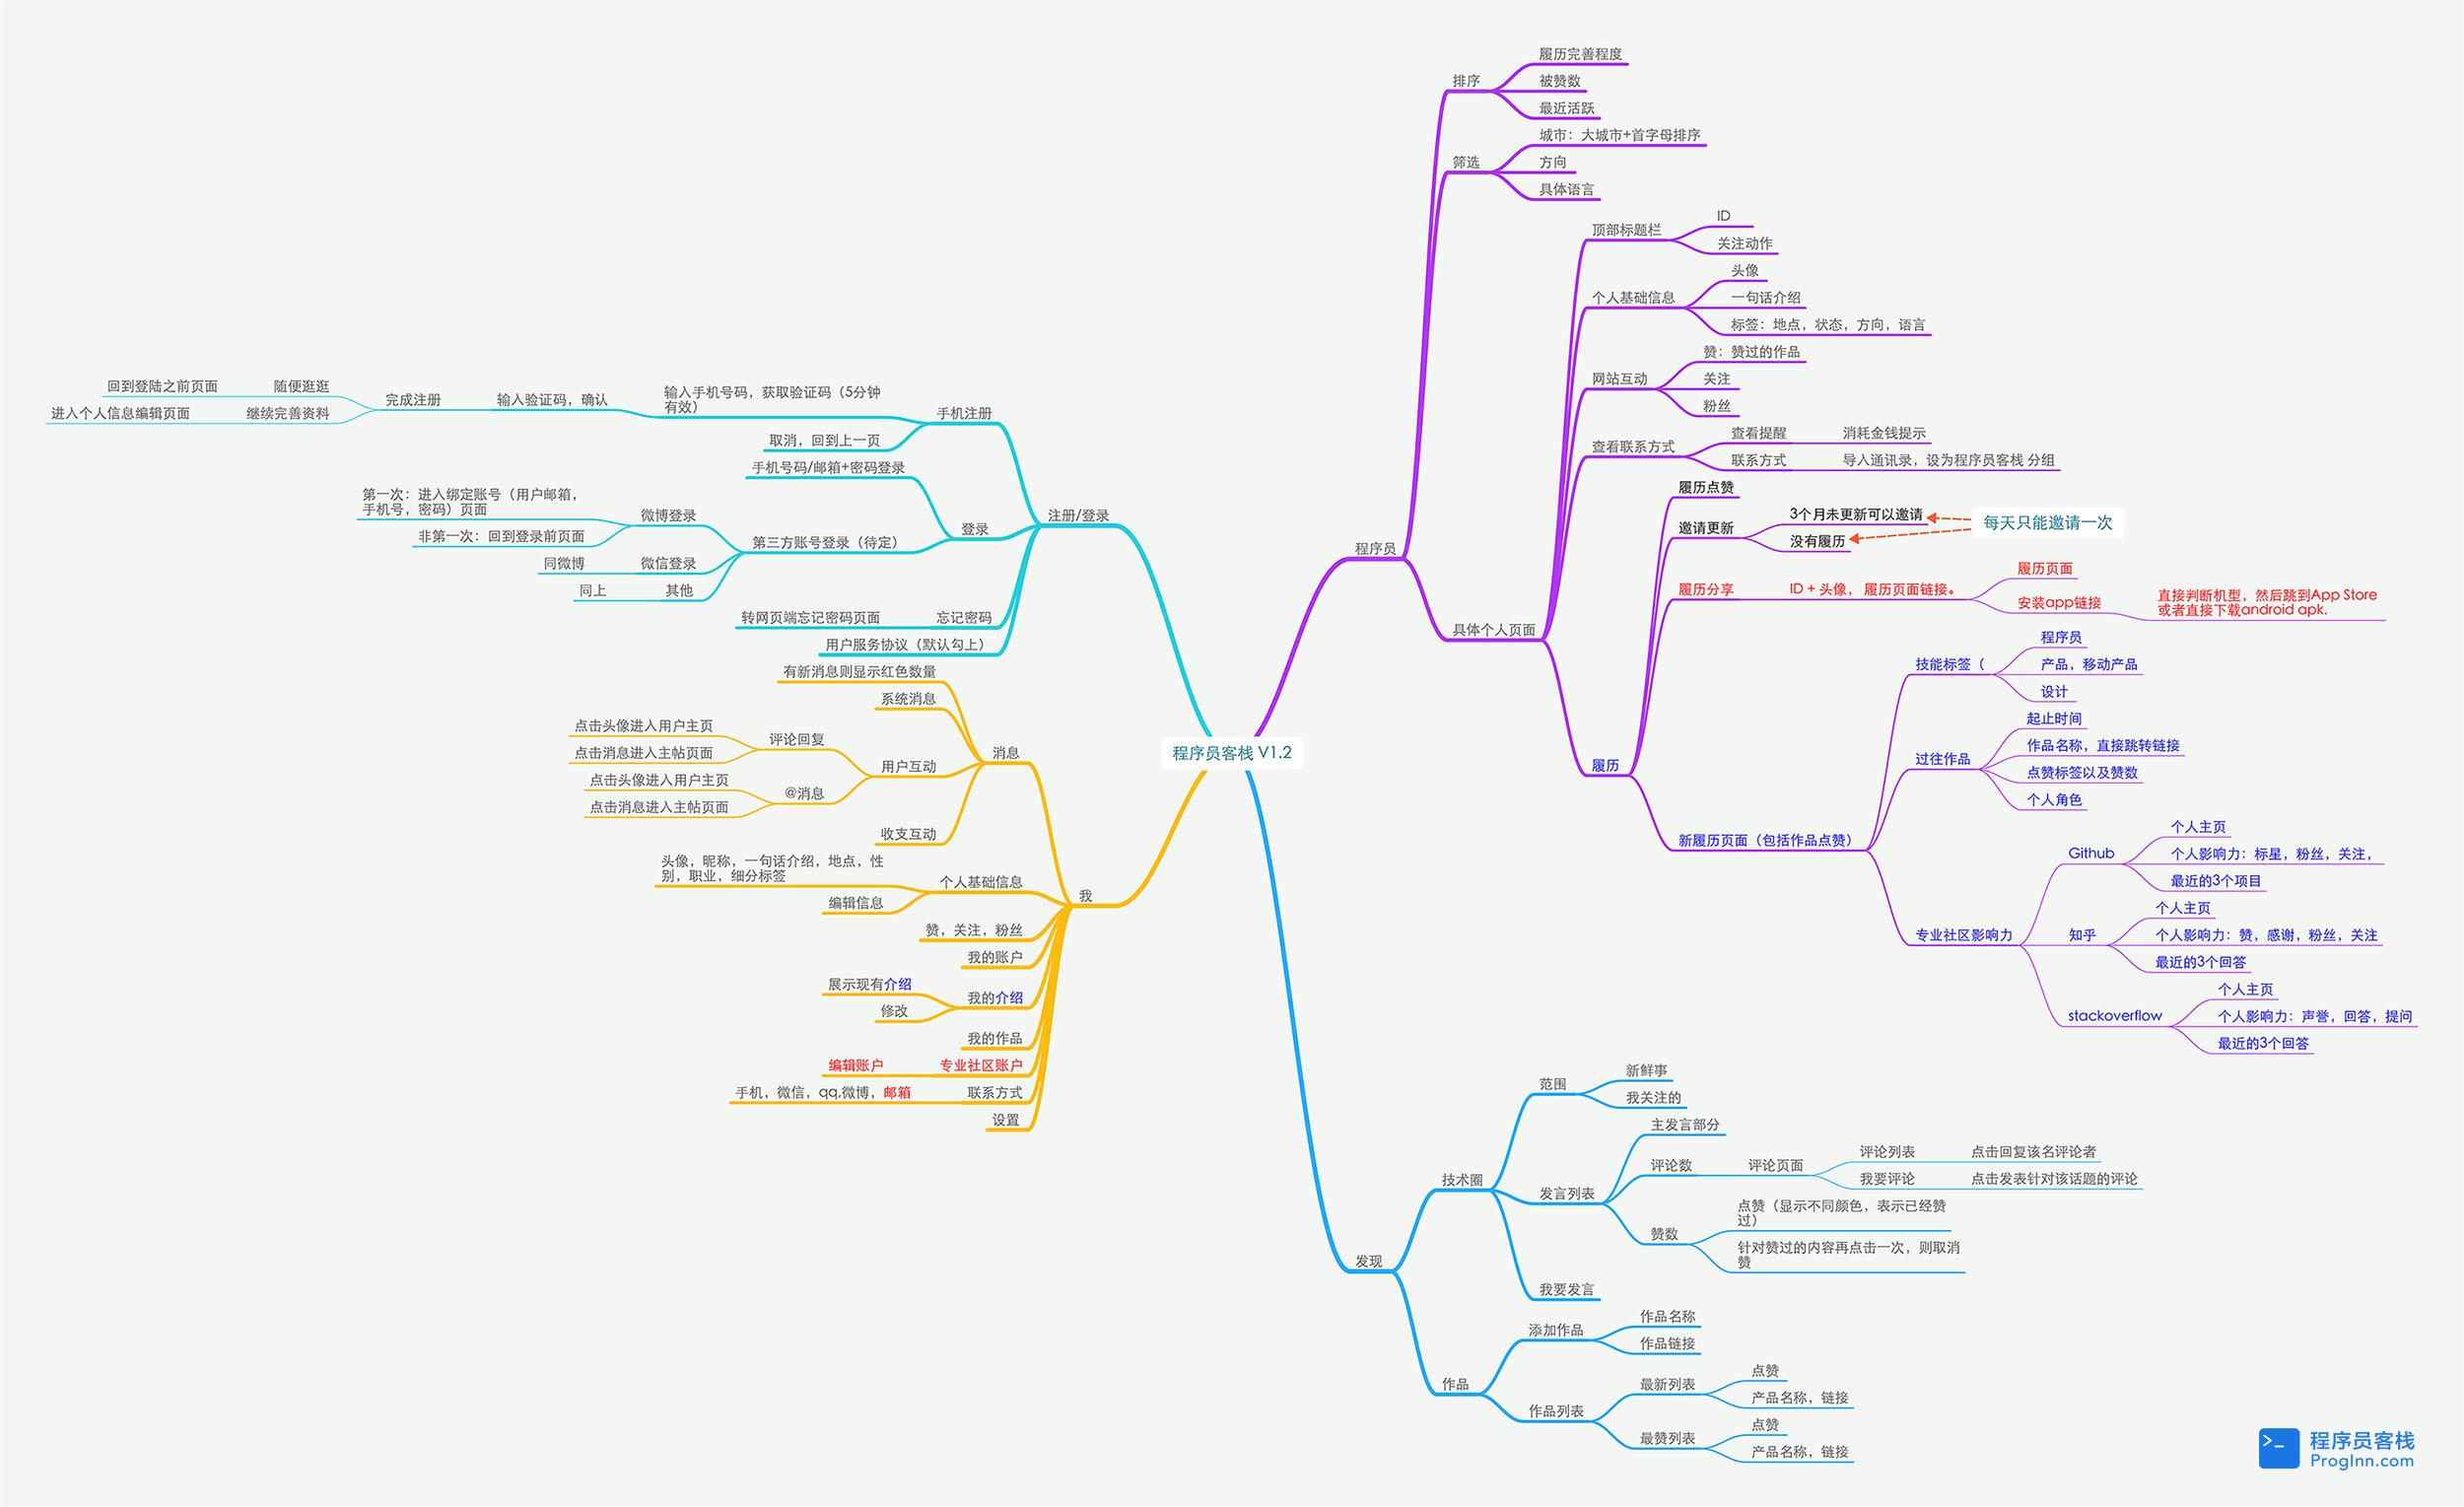 结构图|逻辑图